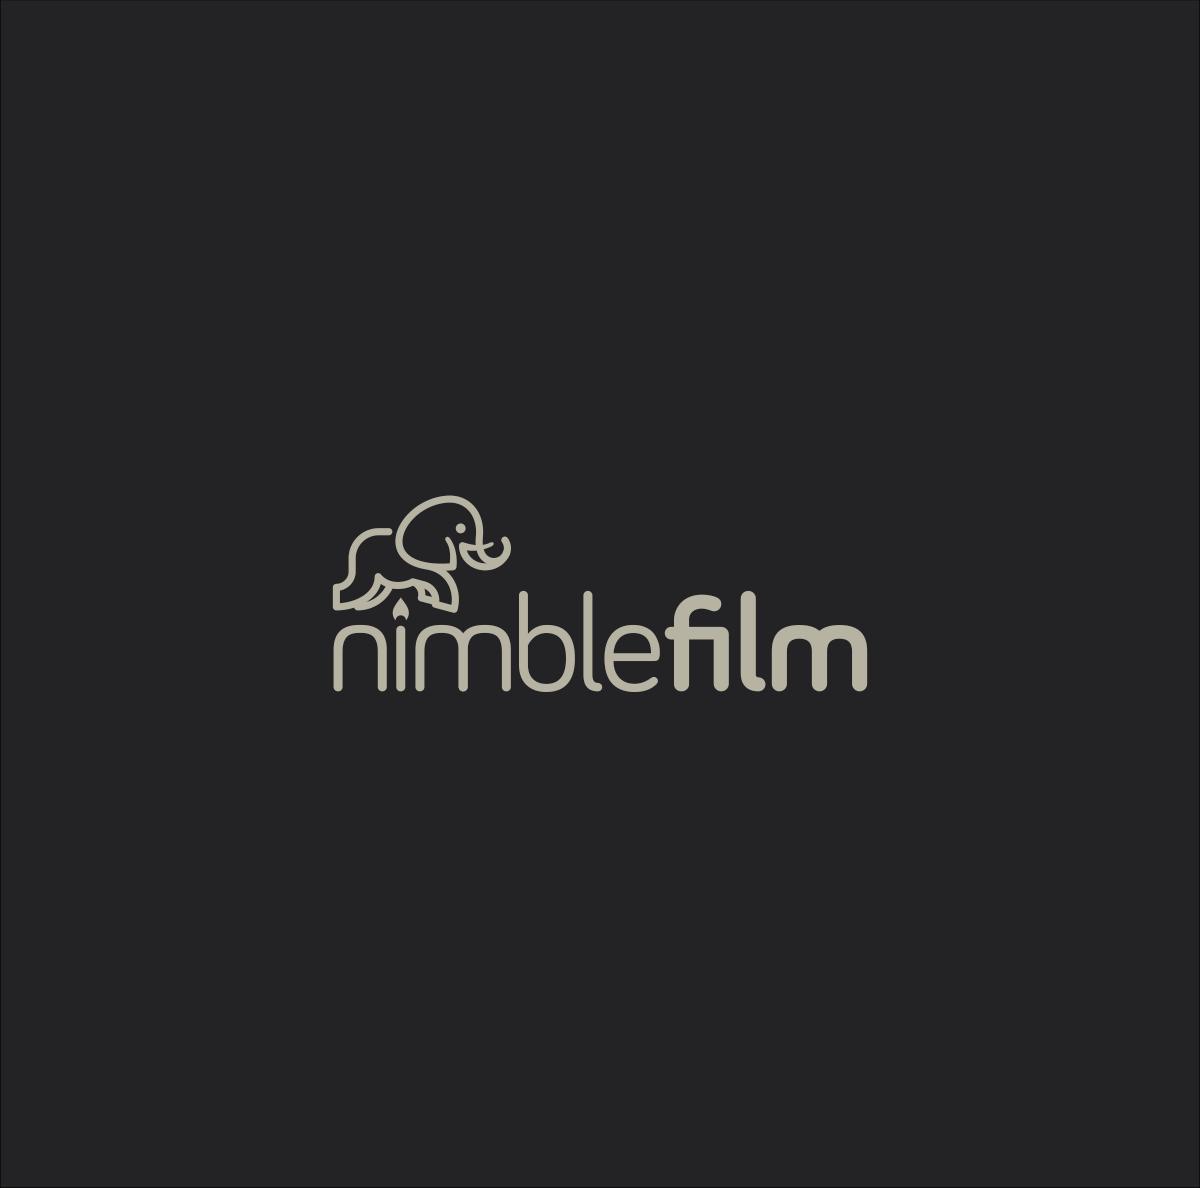 nimblefilm elephant + candlestick